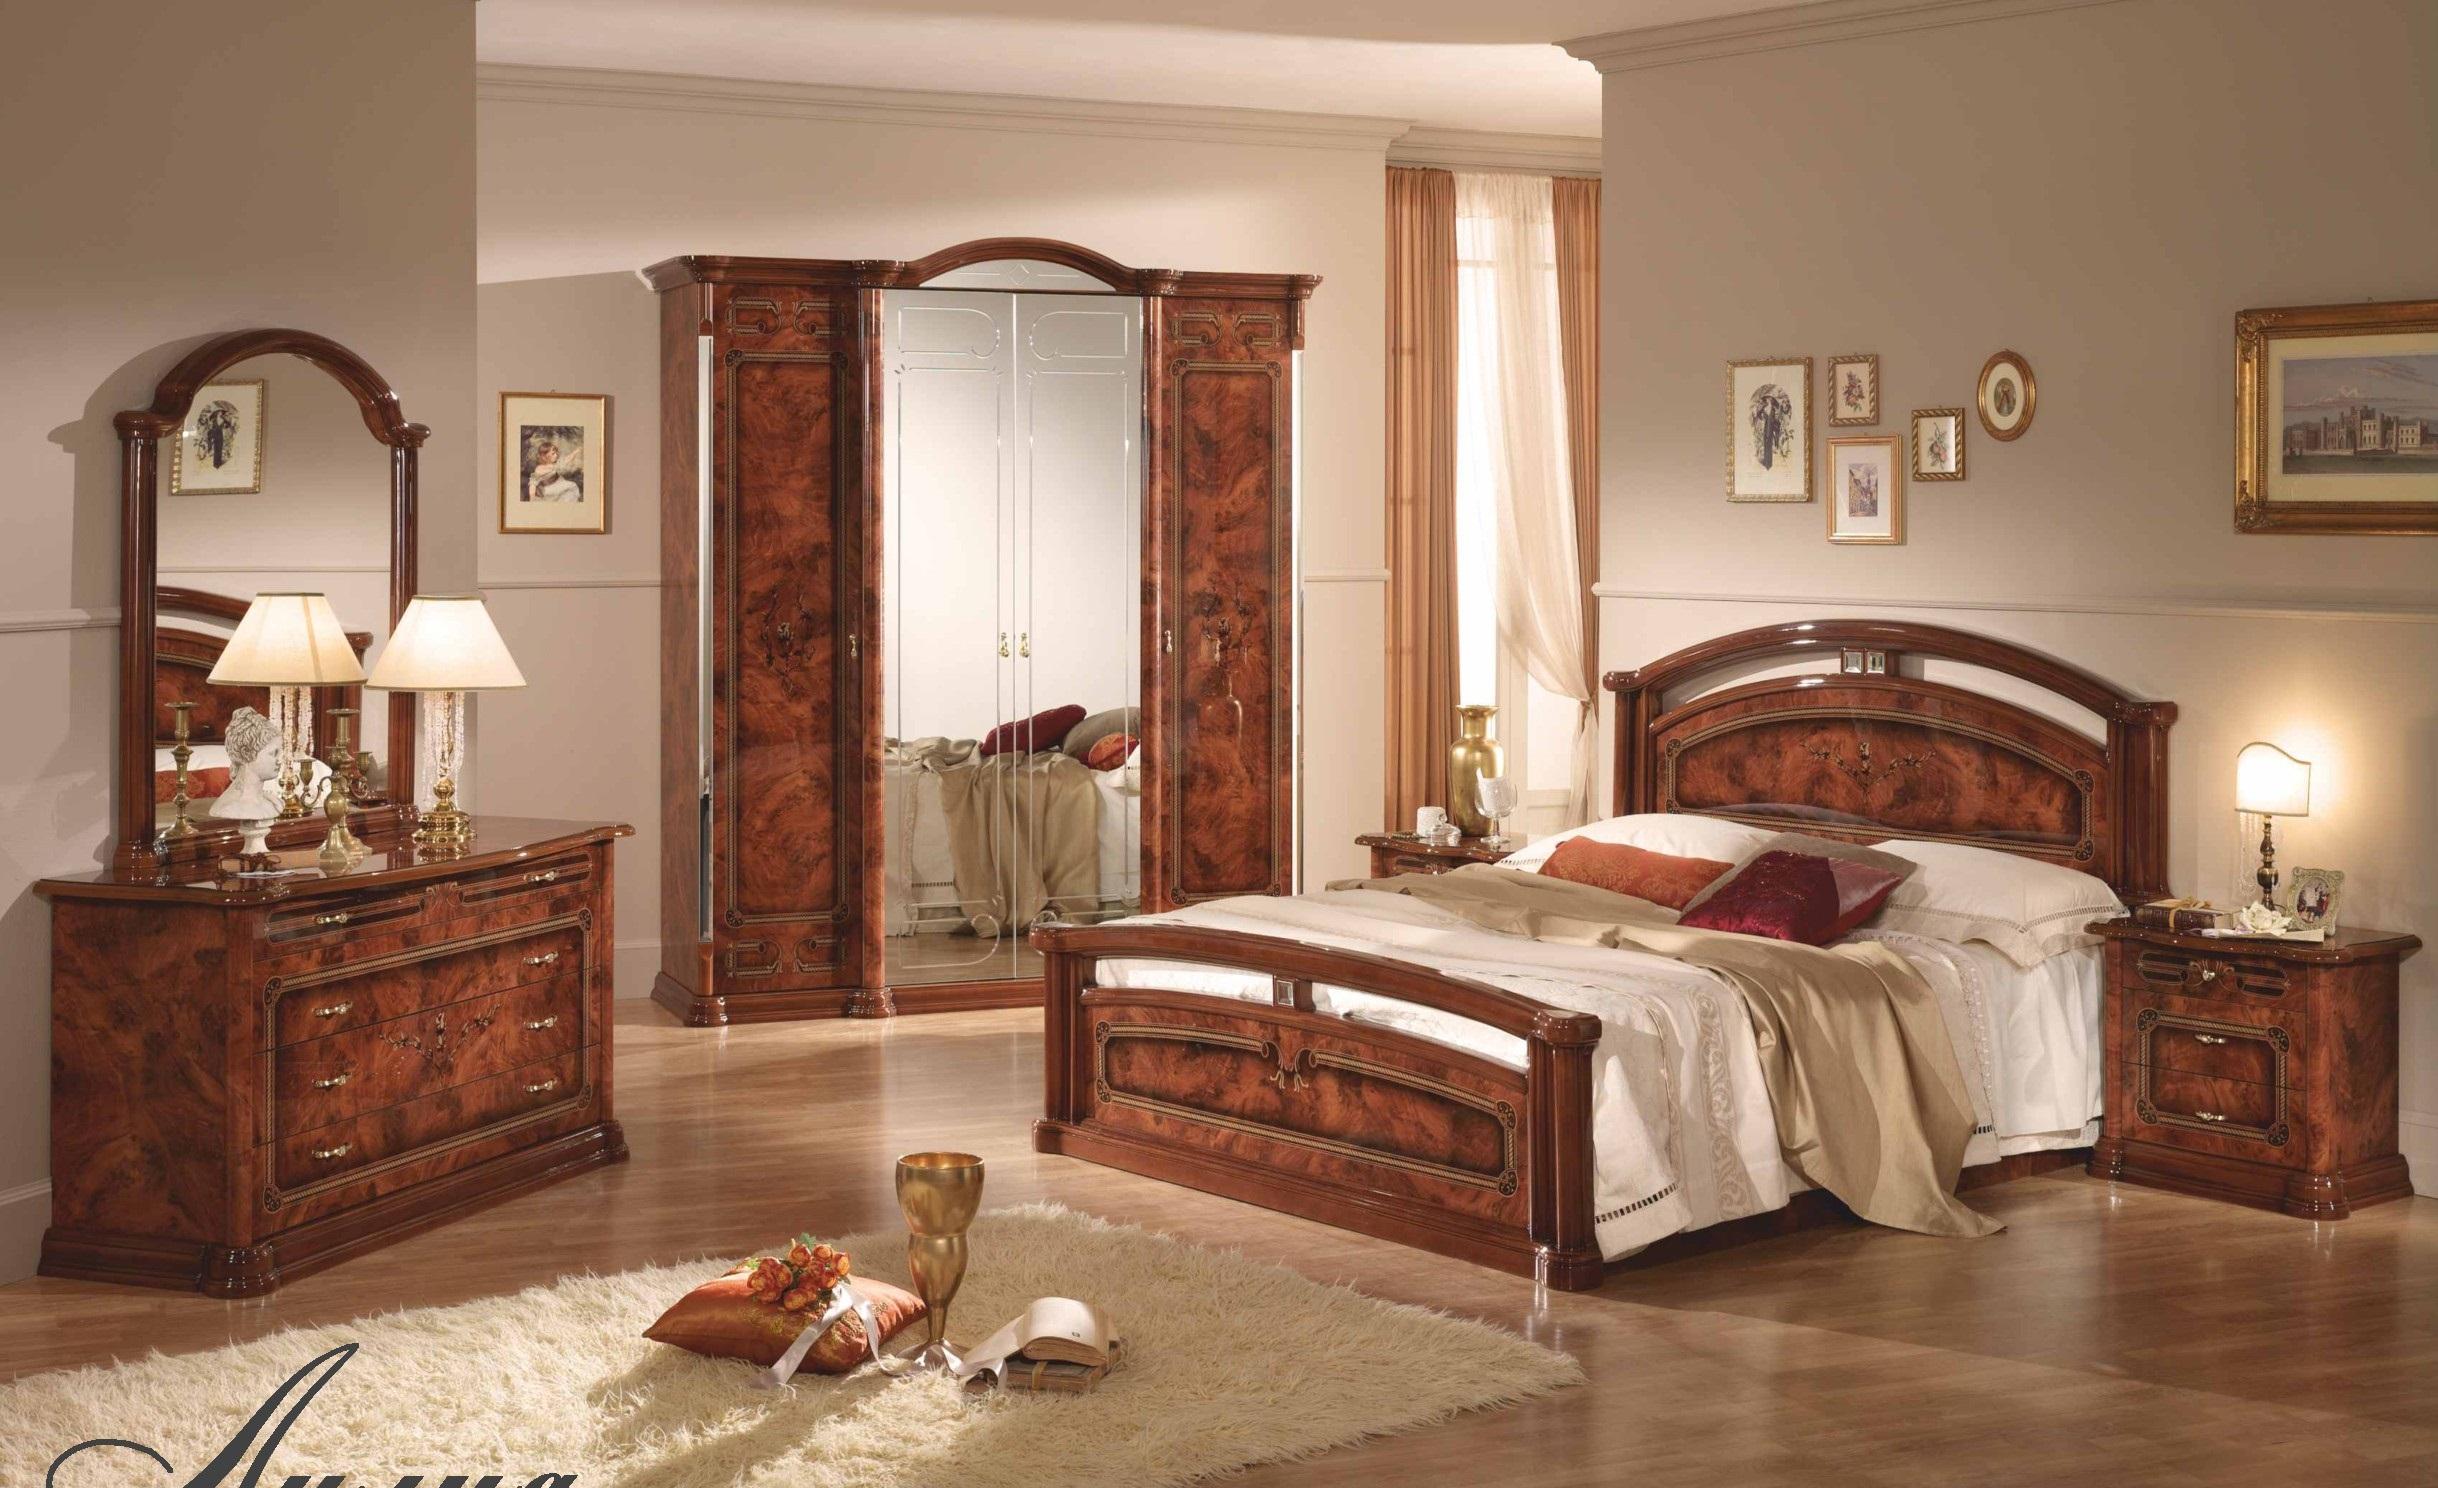 Купить мебель для спальни лиана. спальные комплекты - интерн.